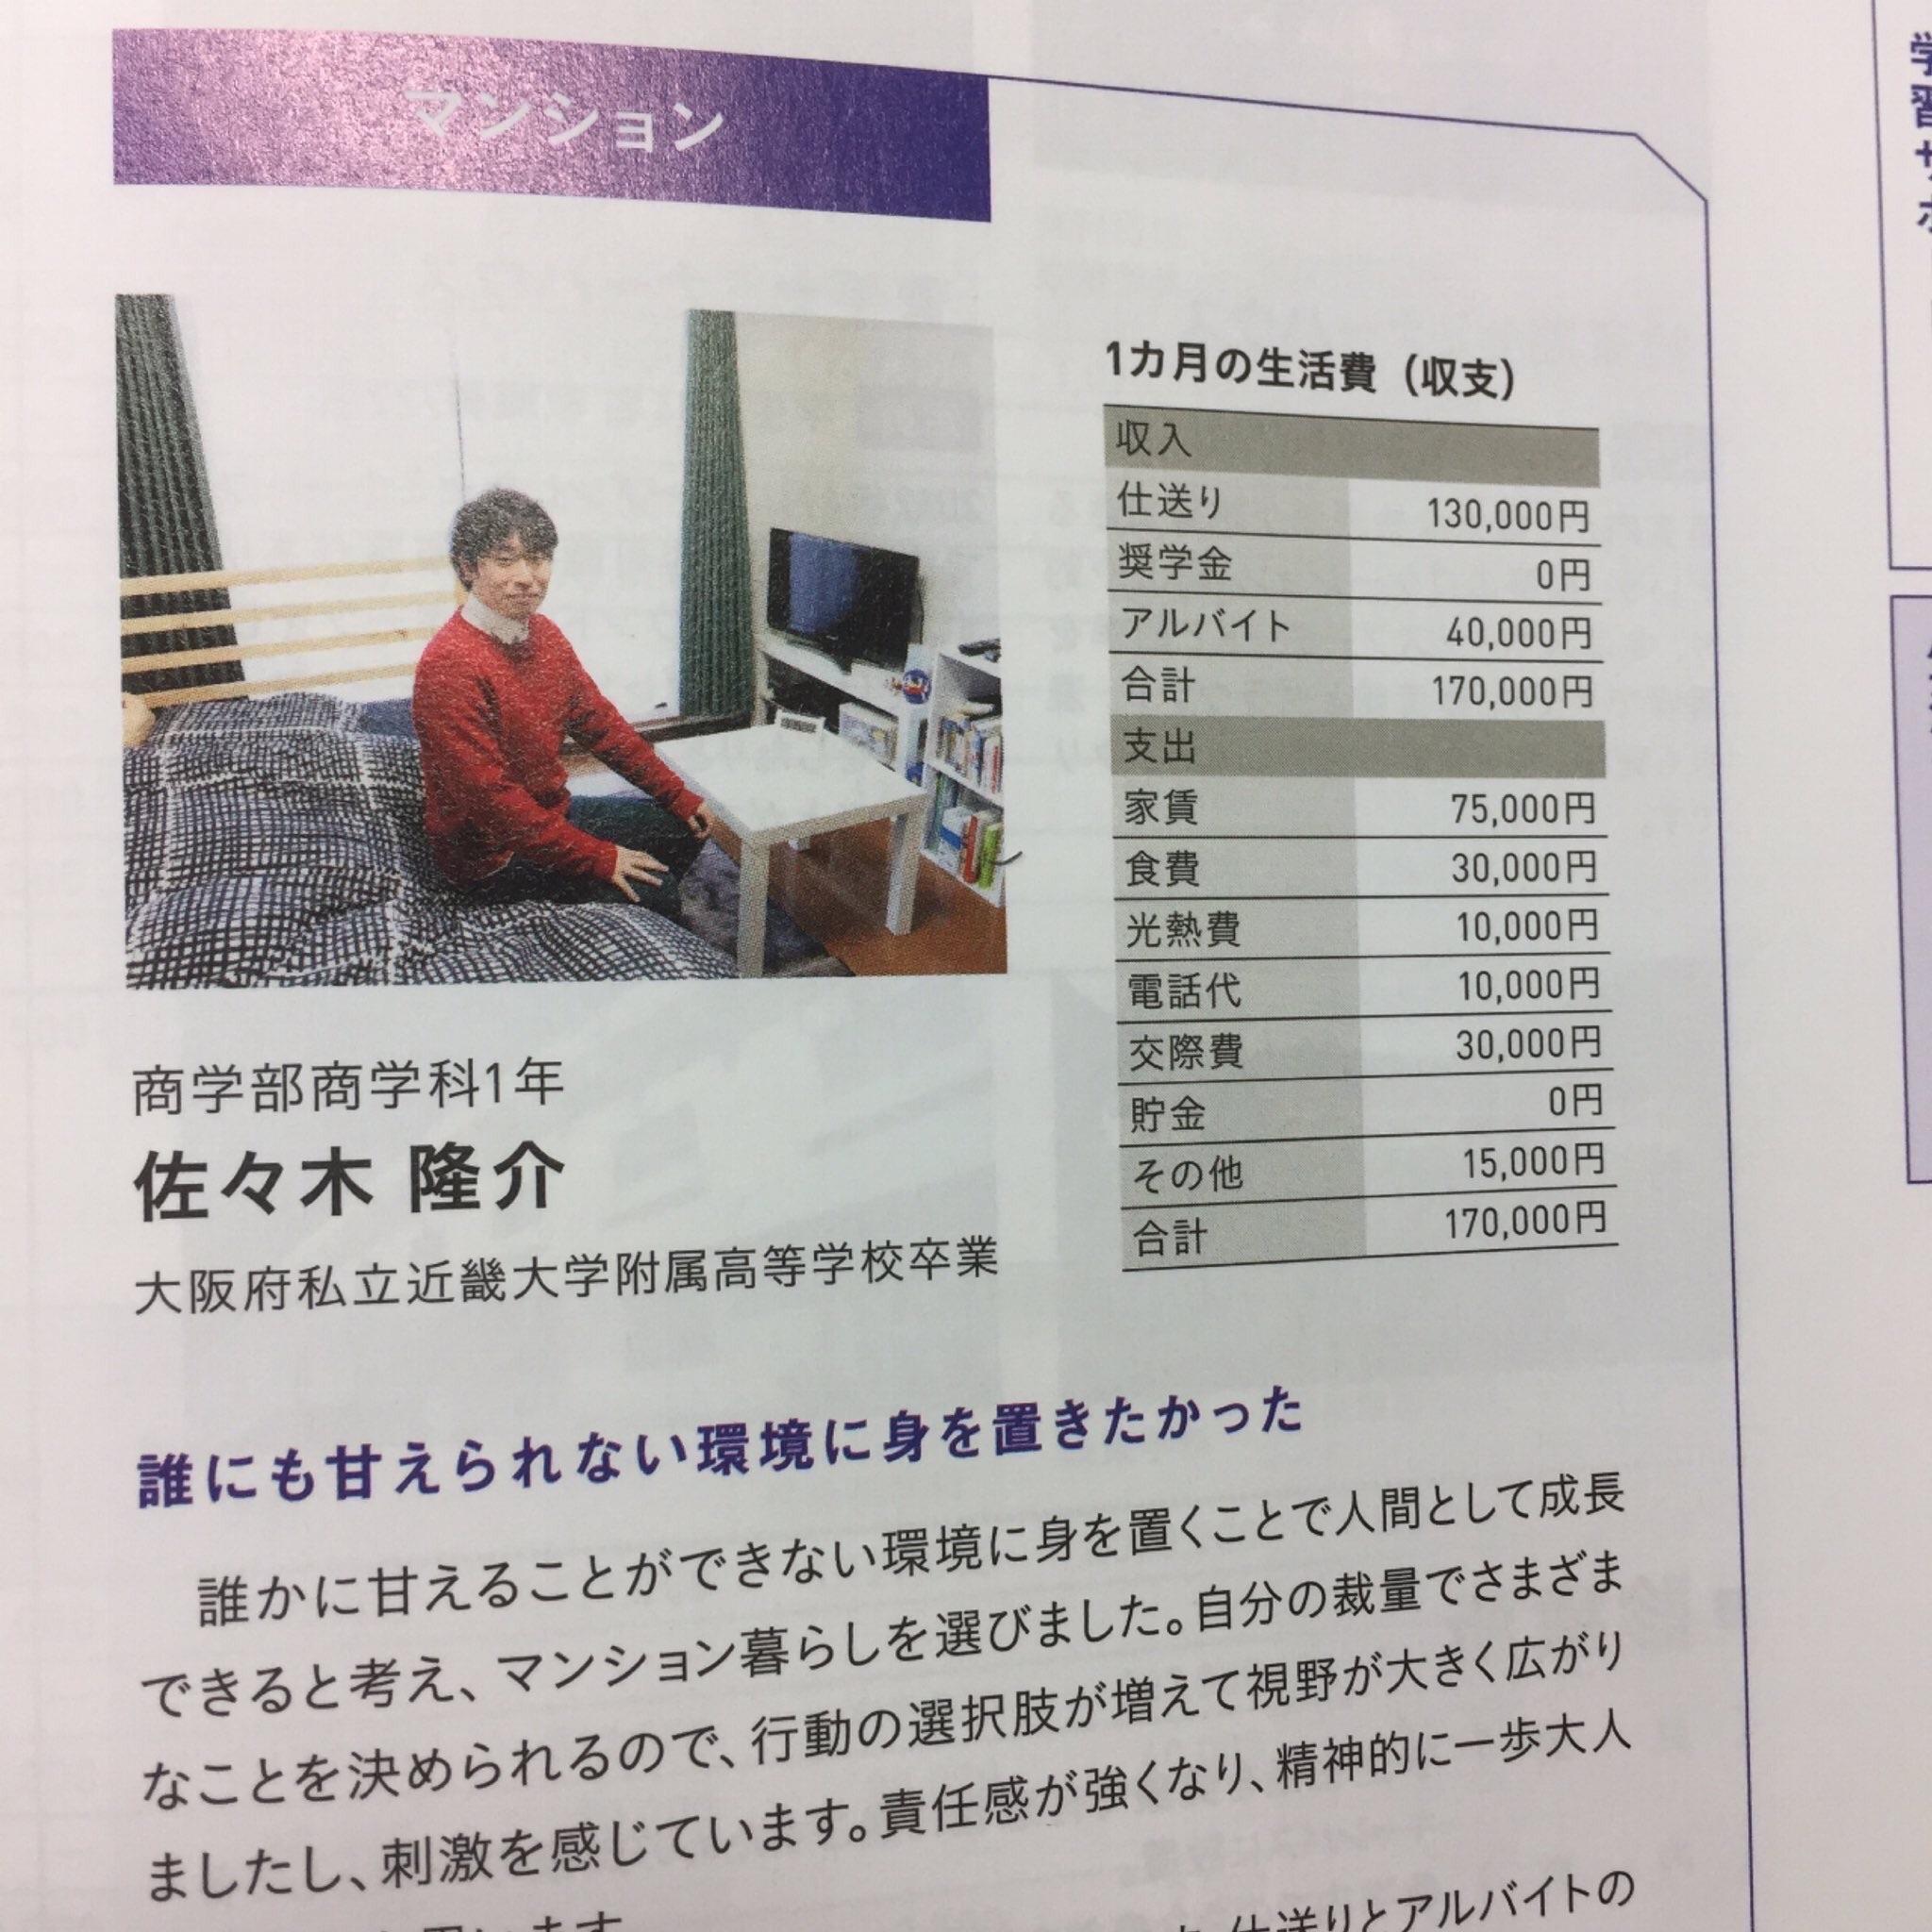 f:id:fukai19930806347:20170206172514j:image